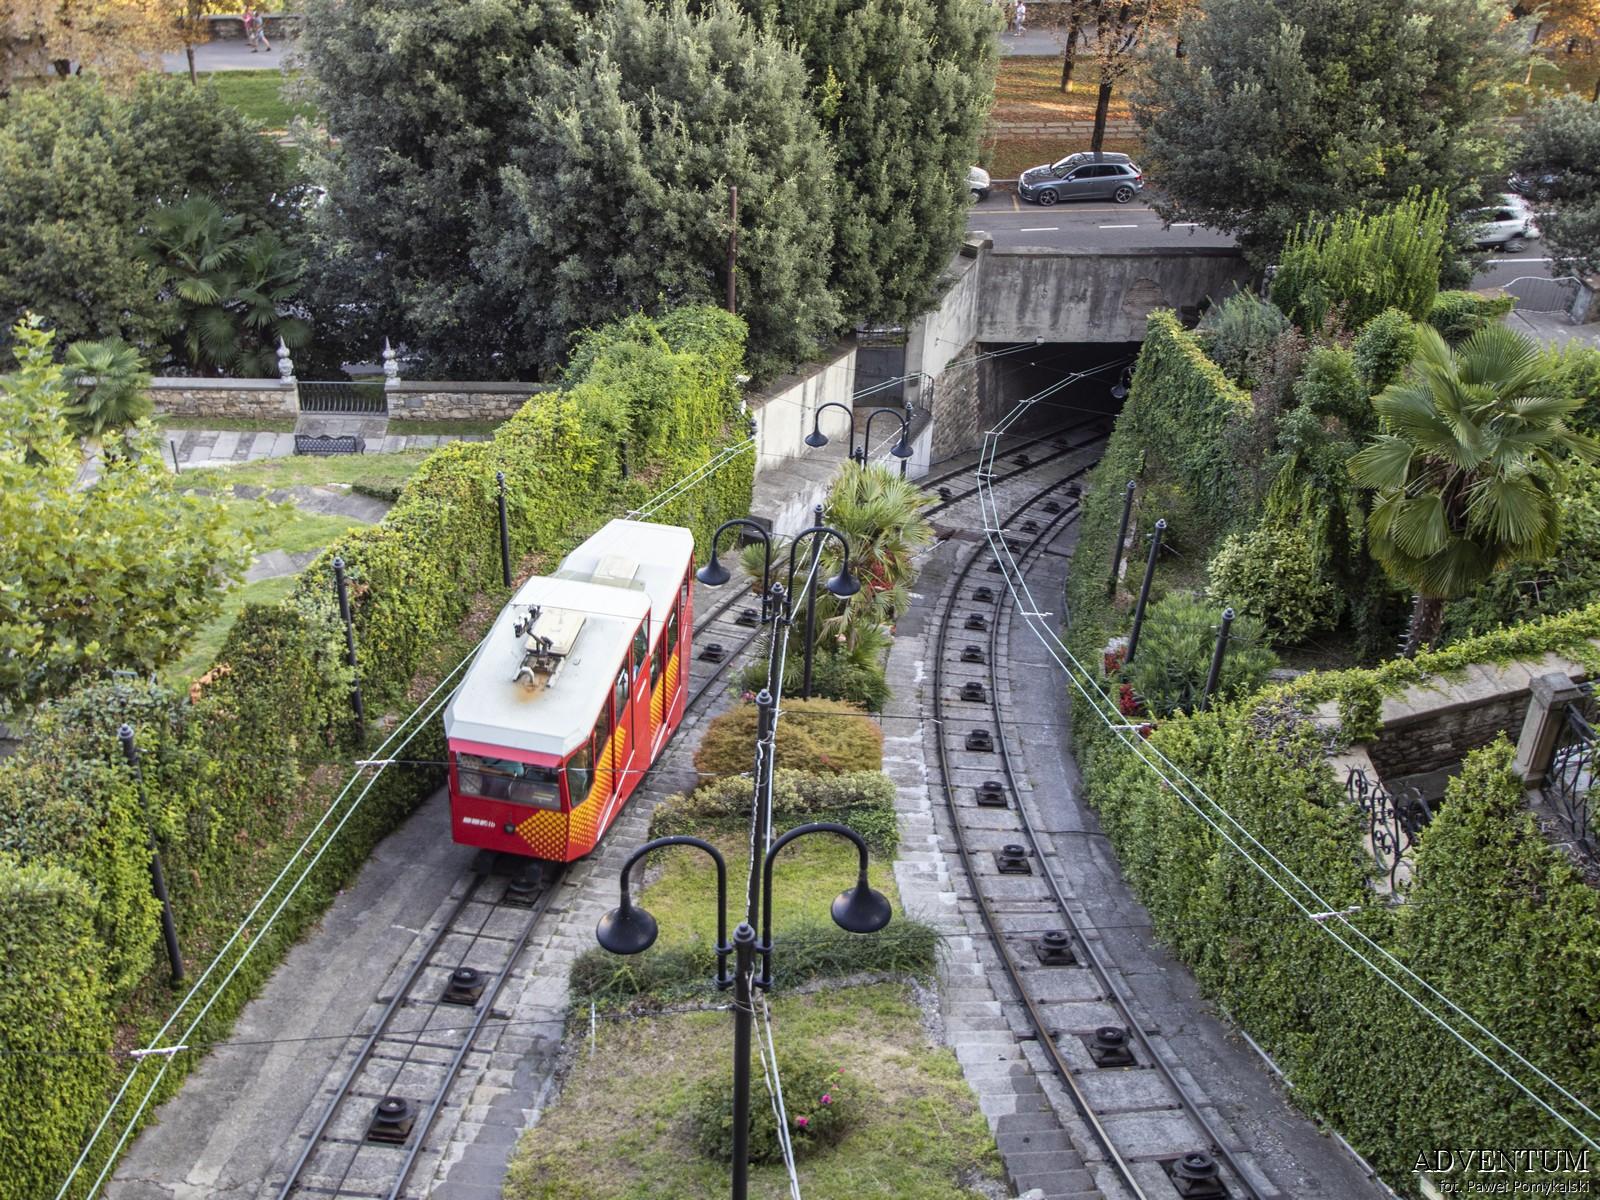 Bergamo Kolejka Włochy Italia Atrakcje Loty Noclegi Mapa Widoki Tanie Linie Lotnisko